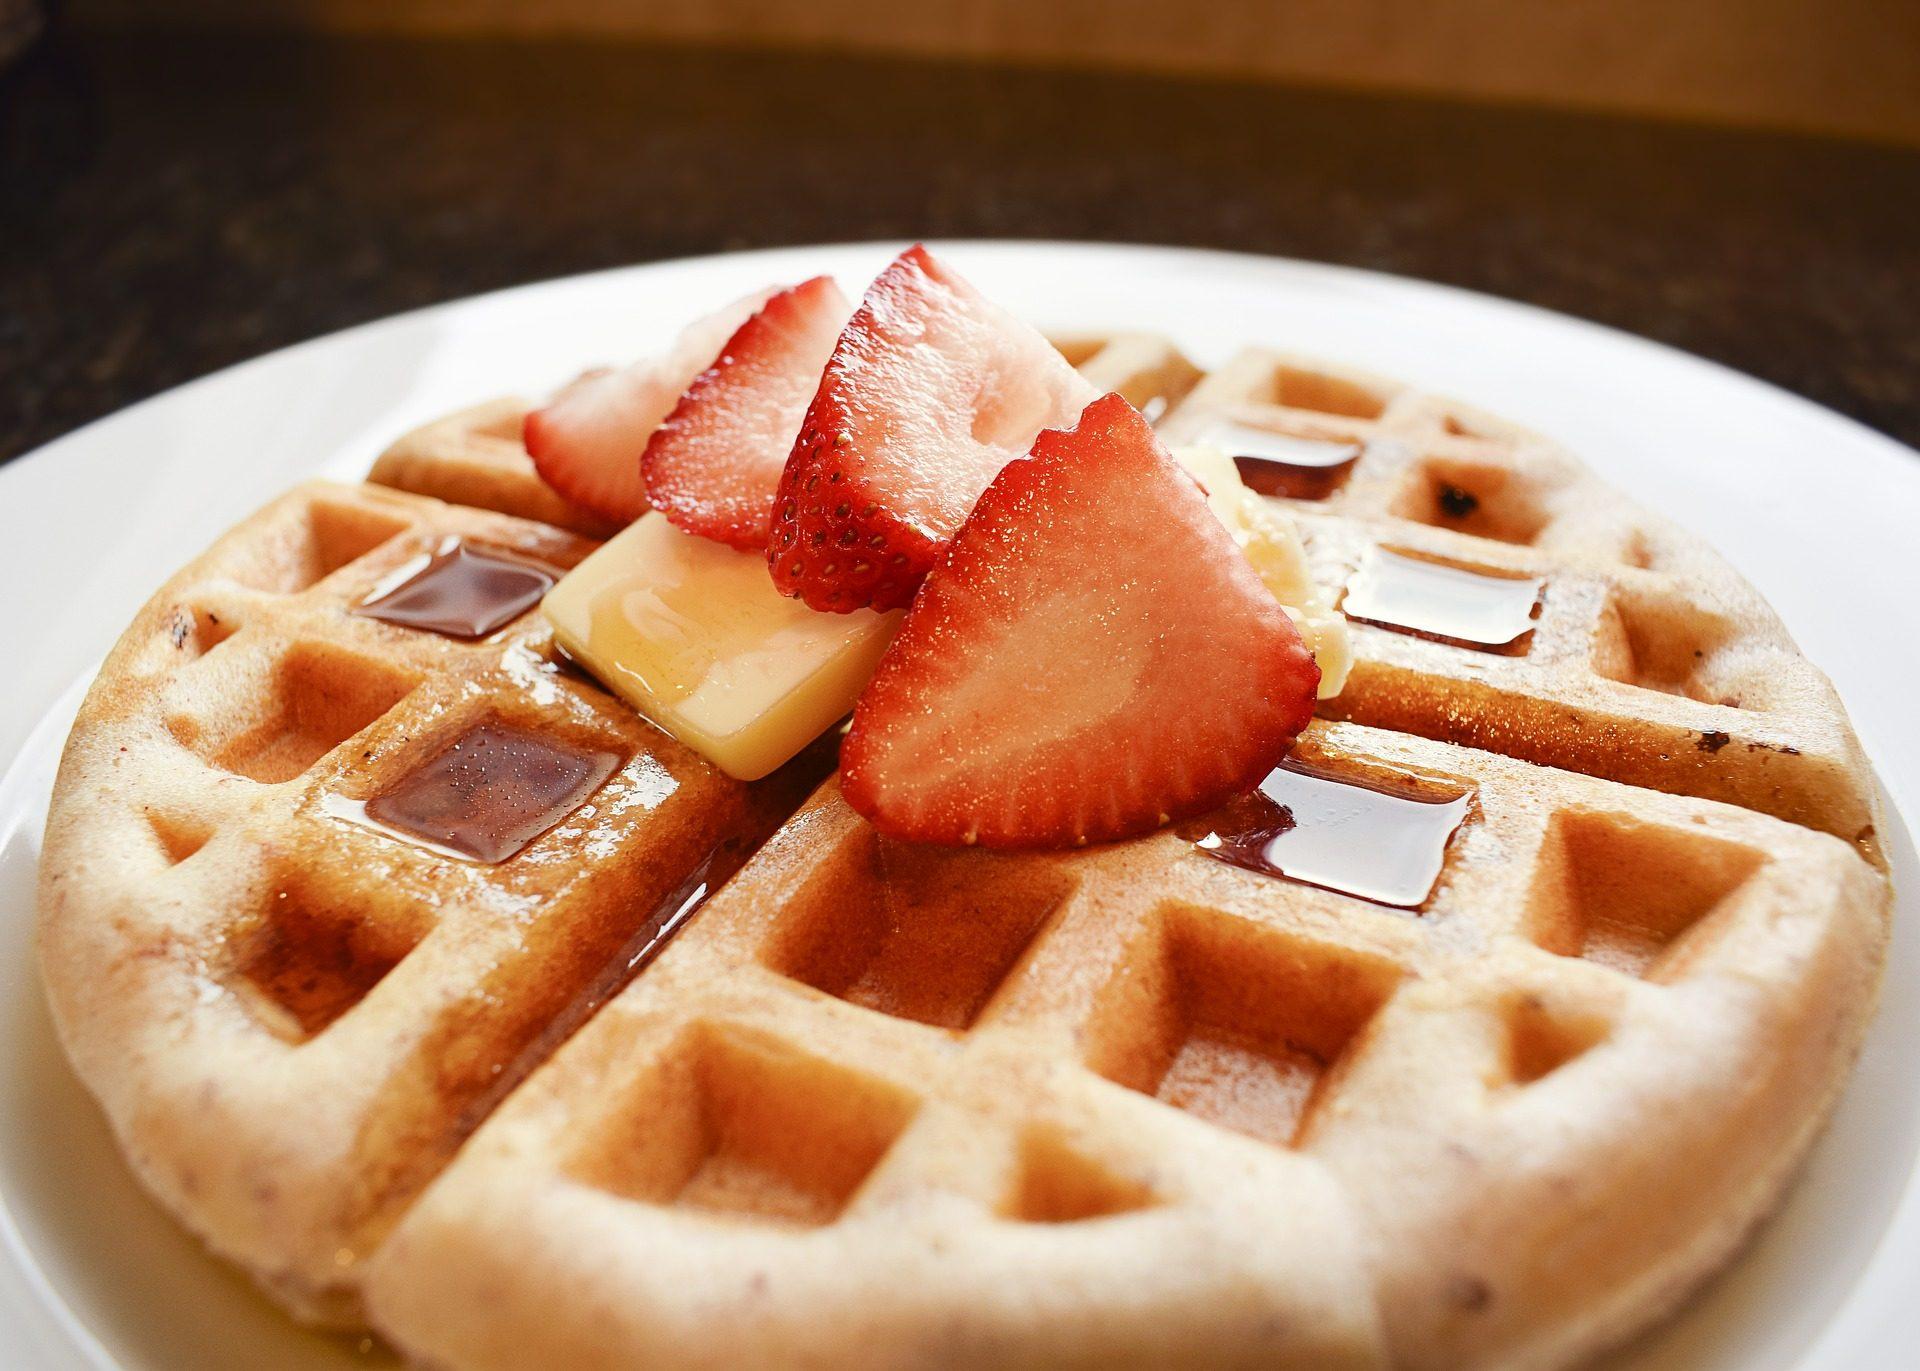 Вафельные, сливочное масло, Клубника, фрукты, Завтрак, сладкий, десерт - Обои HD - Профессор falken.com